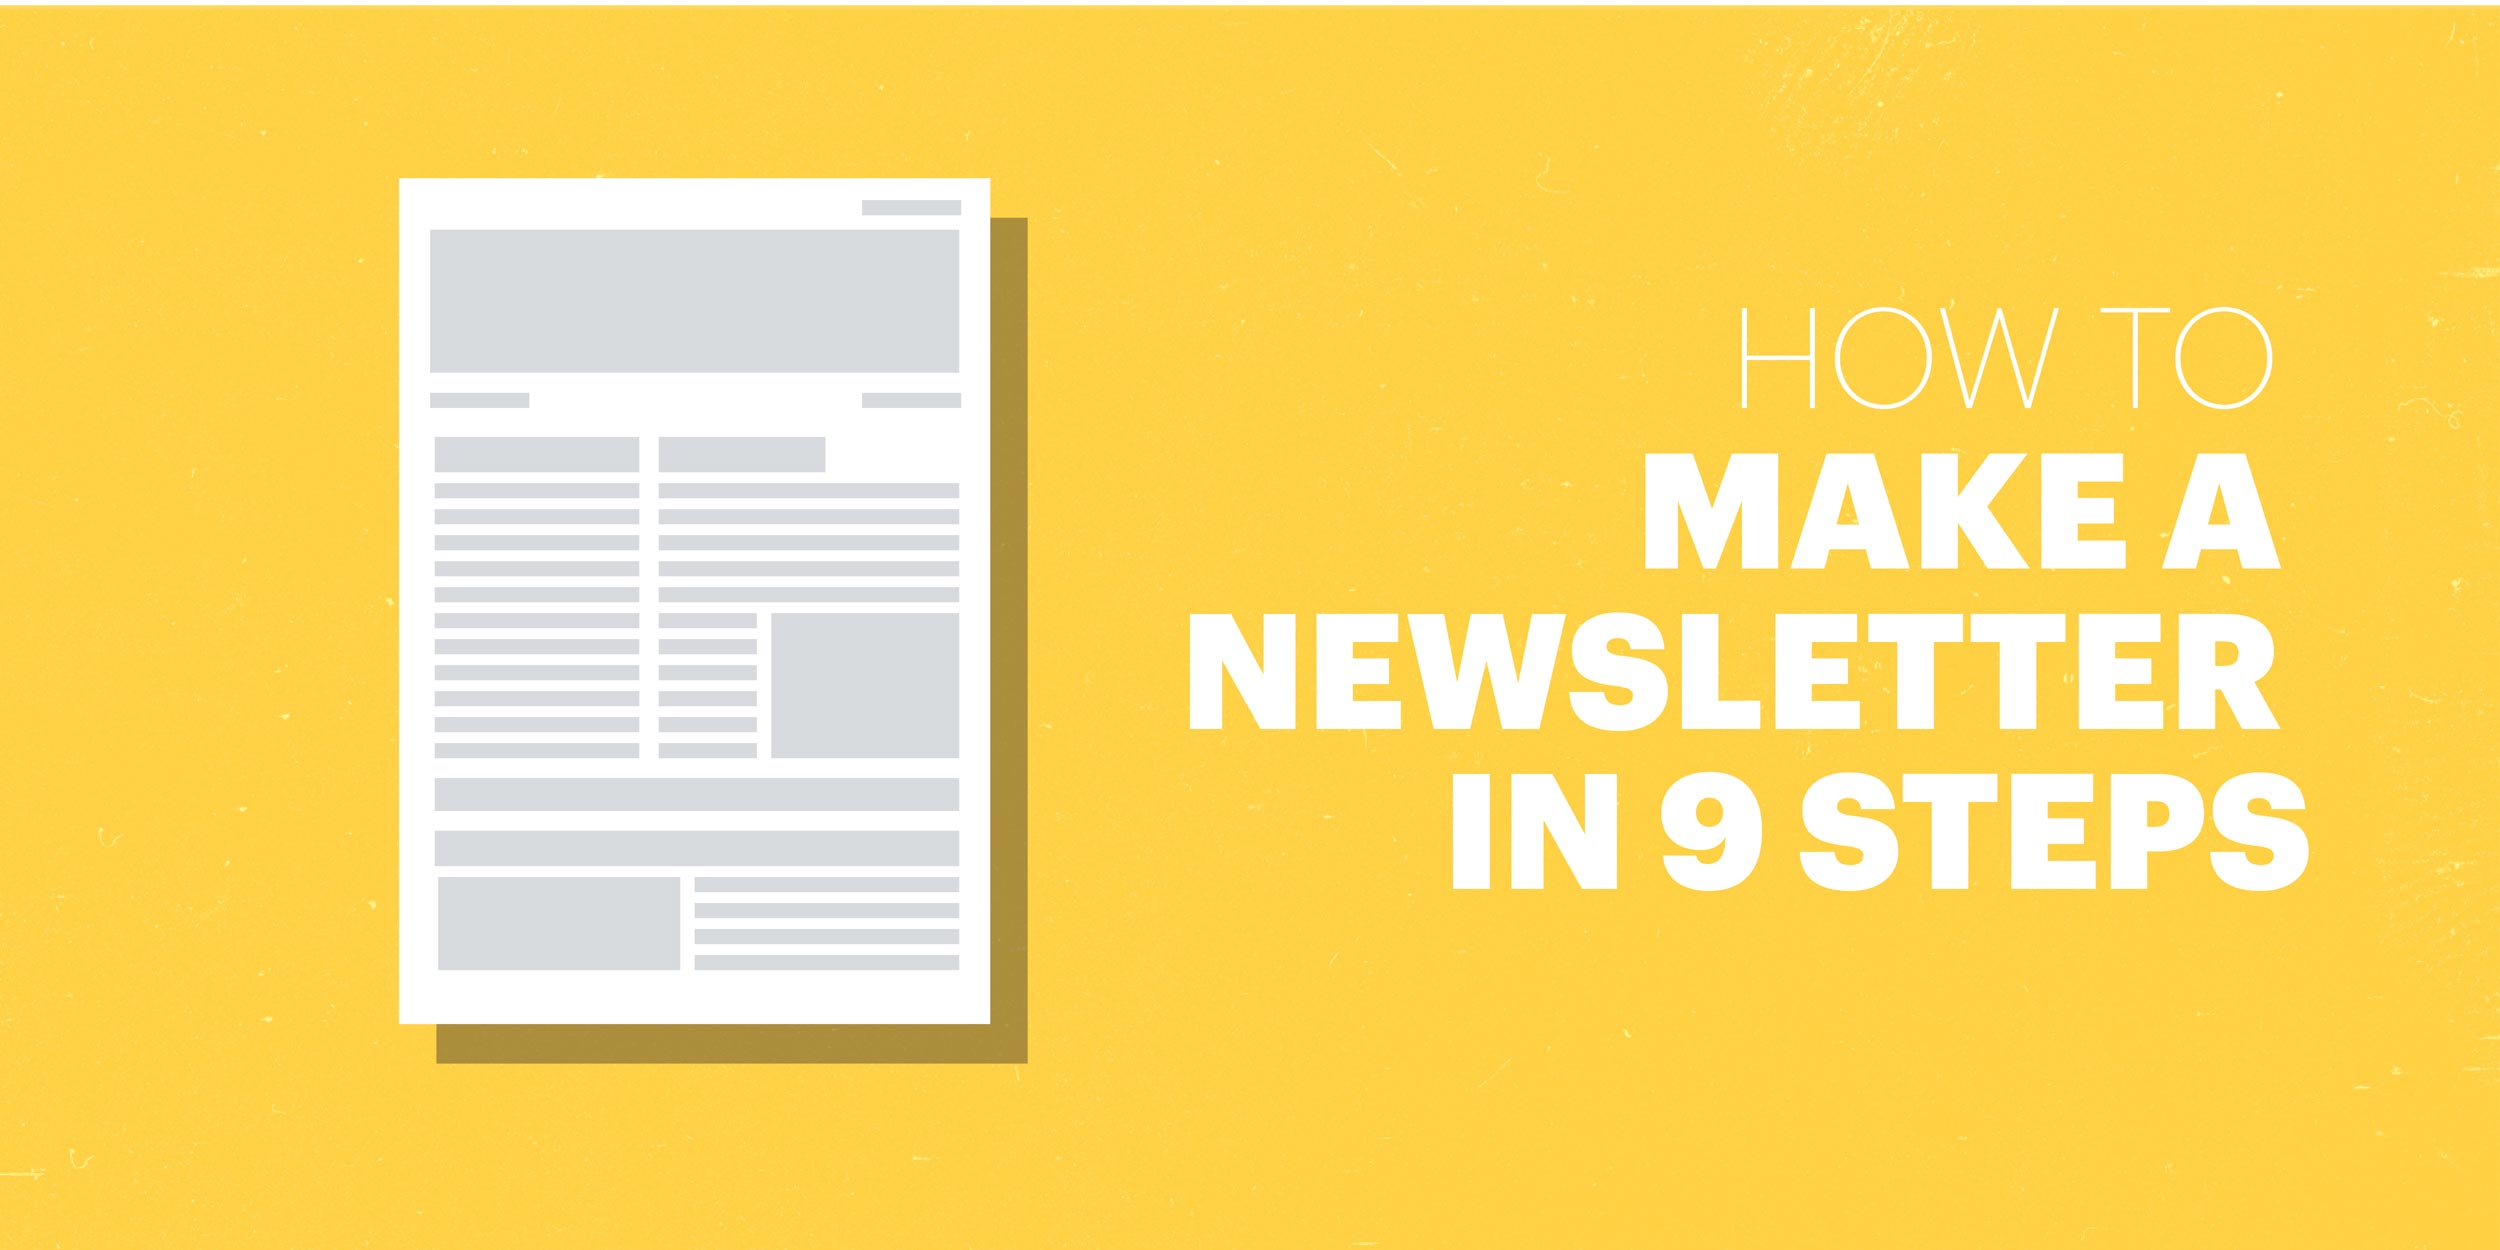 How to make a newsletter in Odnoklassniki